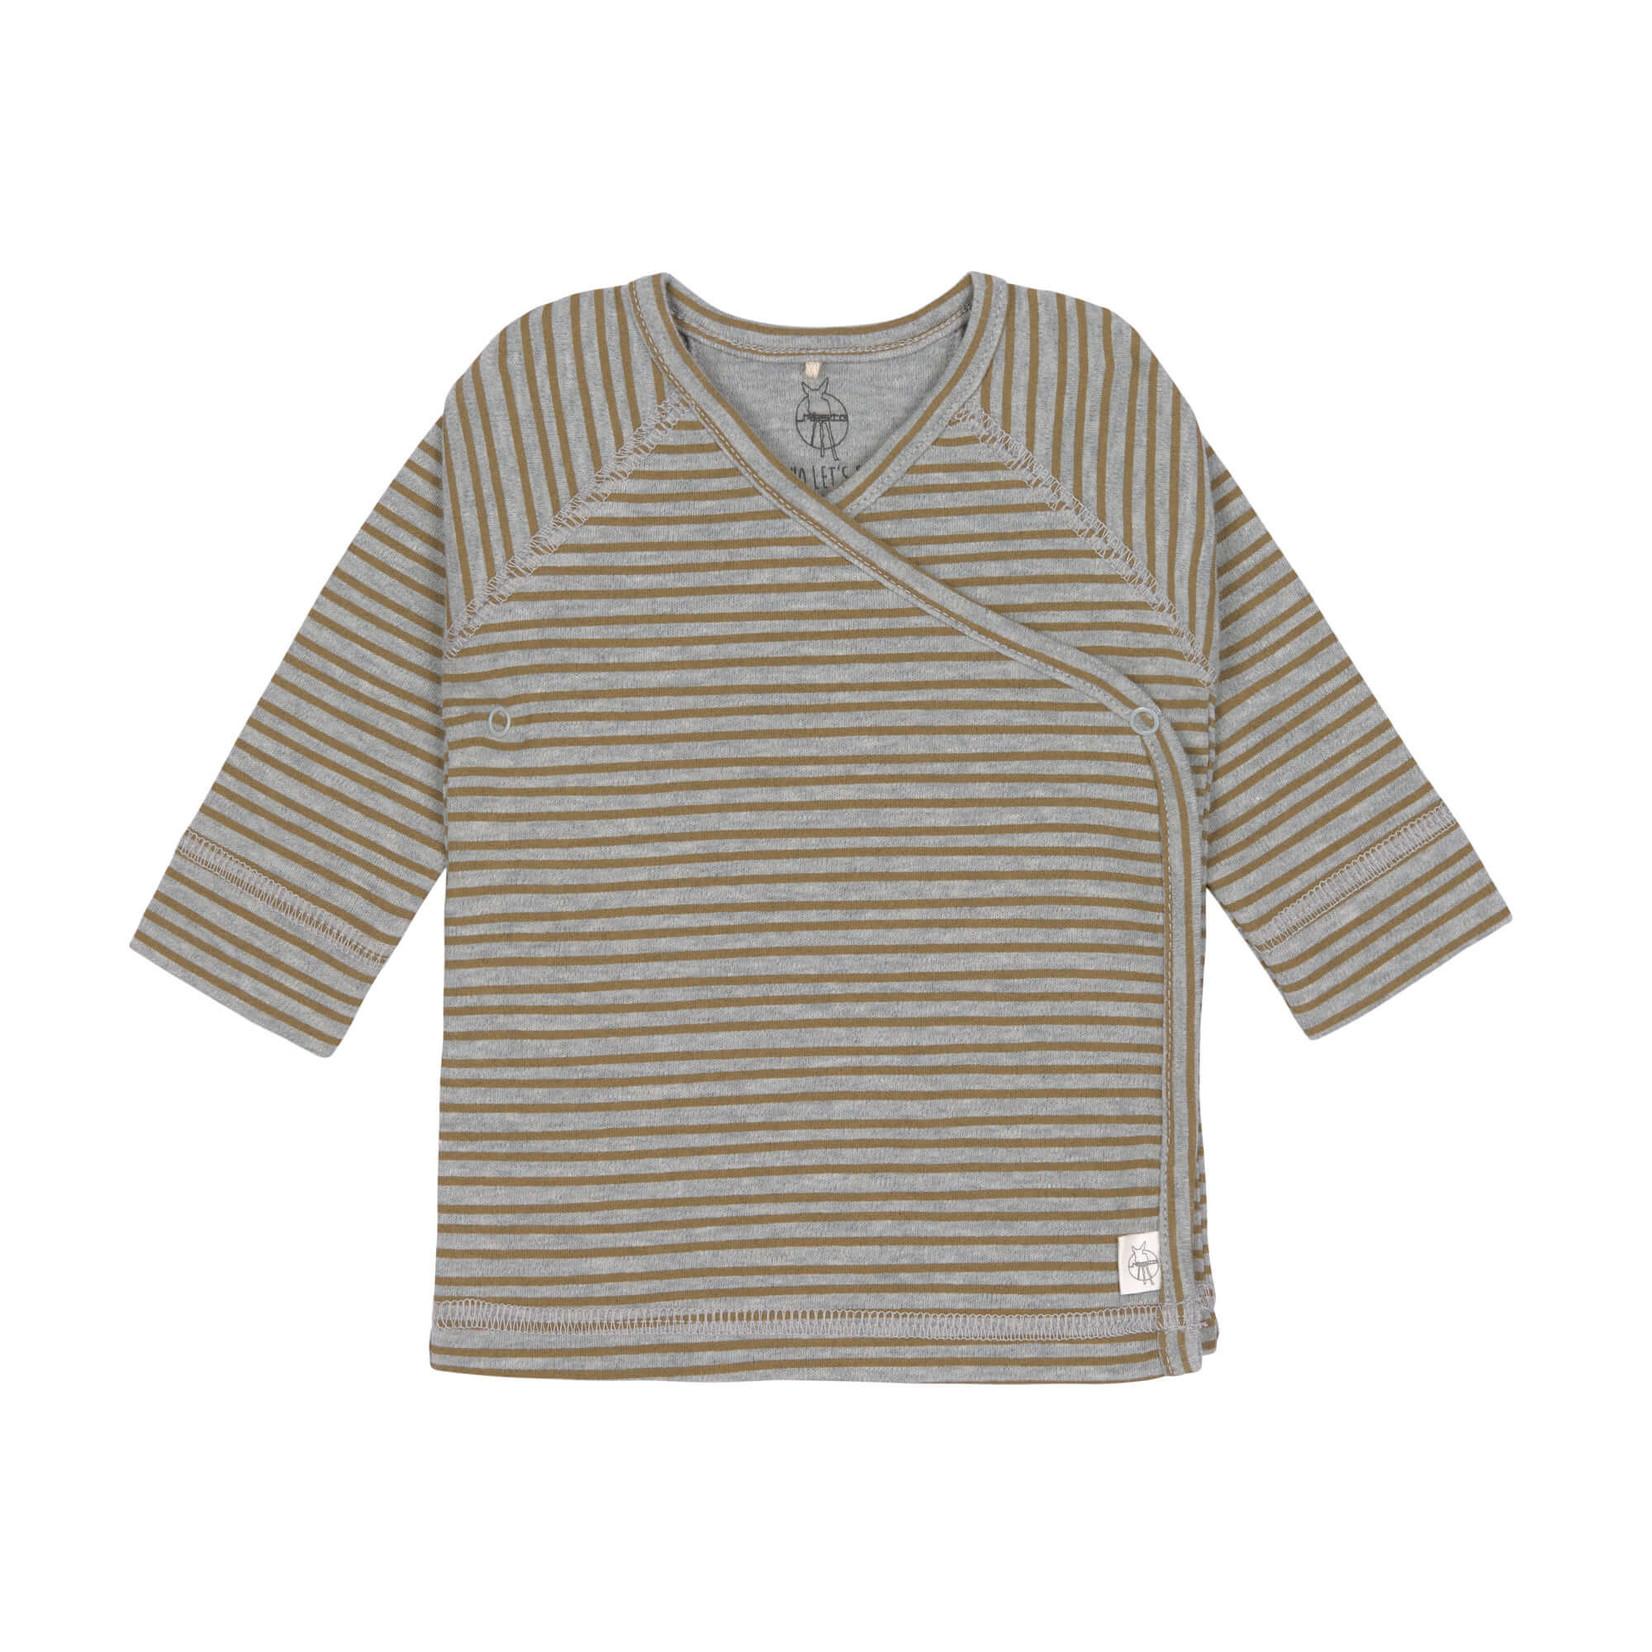 Lässig Kimono shirt (Gestreept grijs)